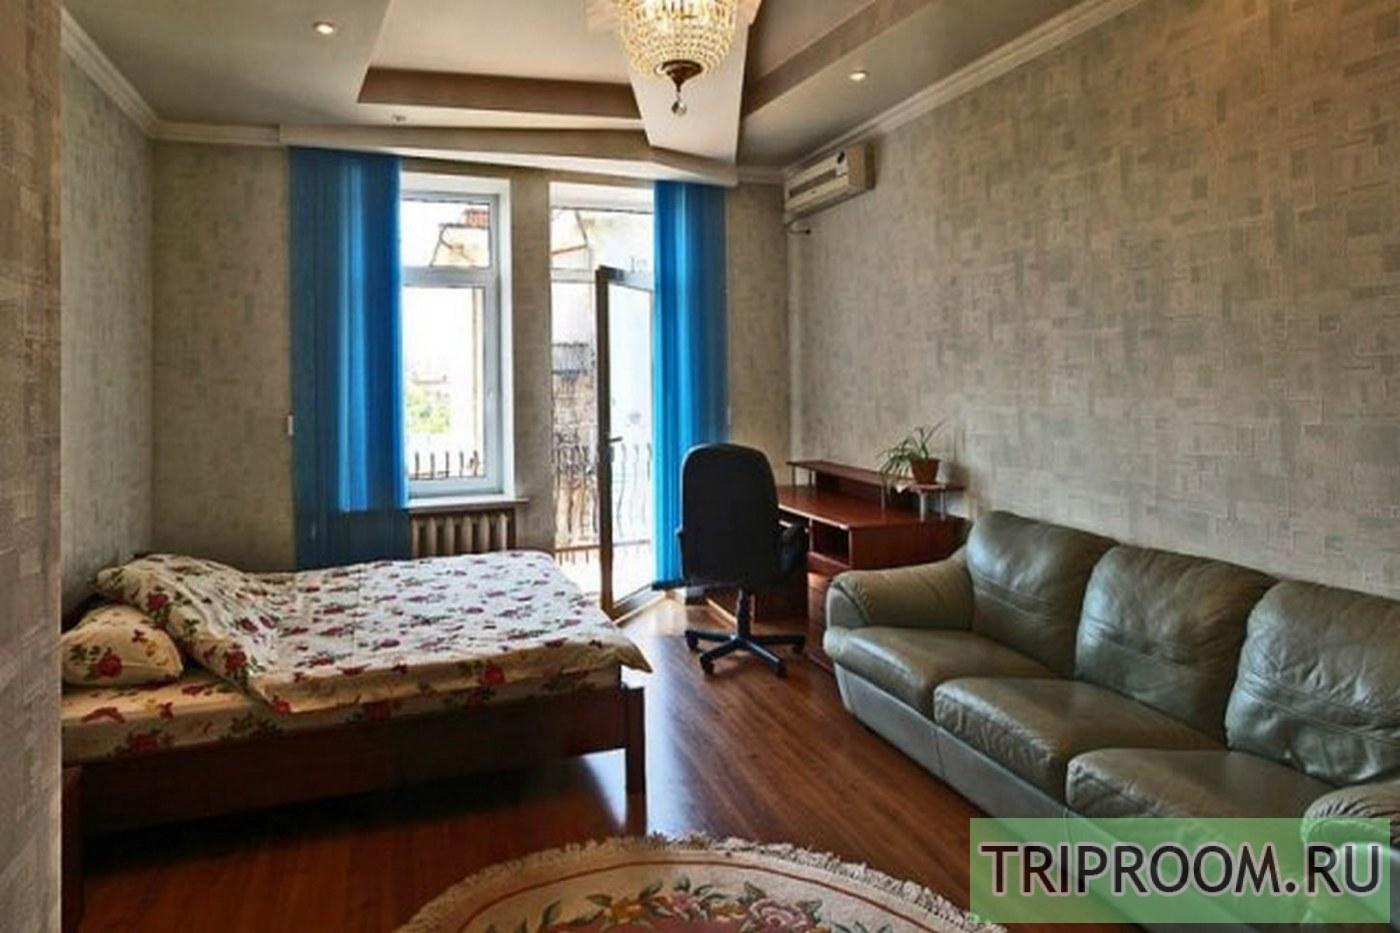 3-комнатная квартира посуточно (вариант № 39048), ул. Большая Морская улица, фото № 3